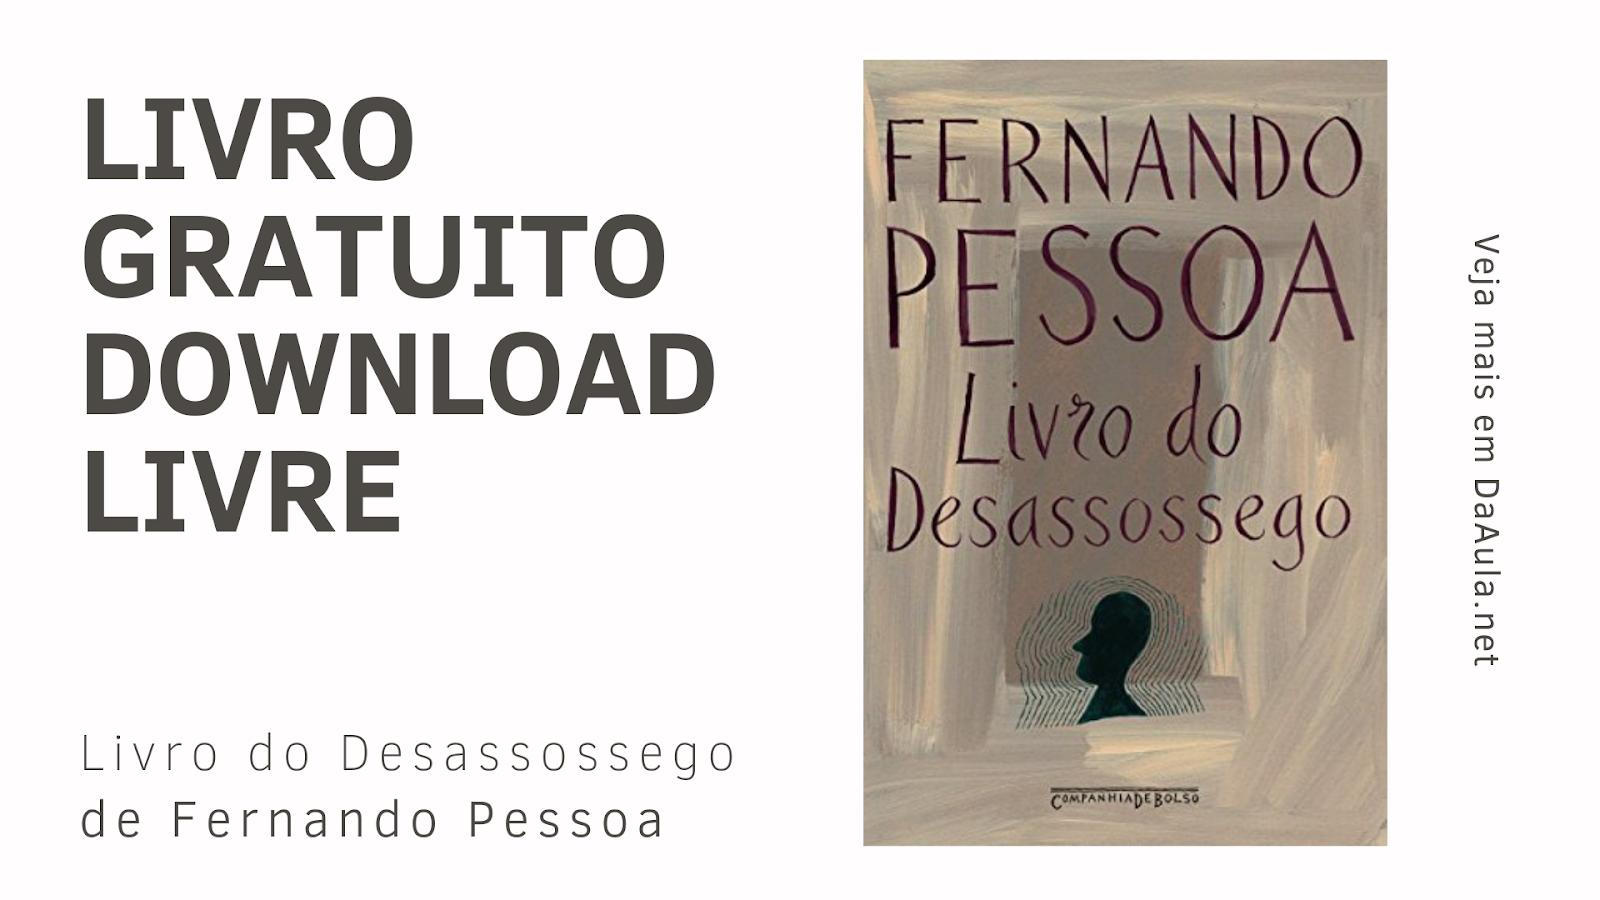 Livro: Livro do Desassossego de Fernando Pessoa